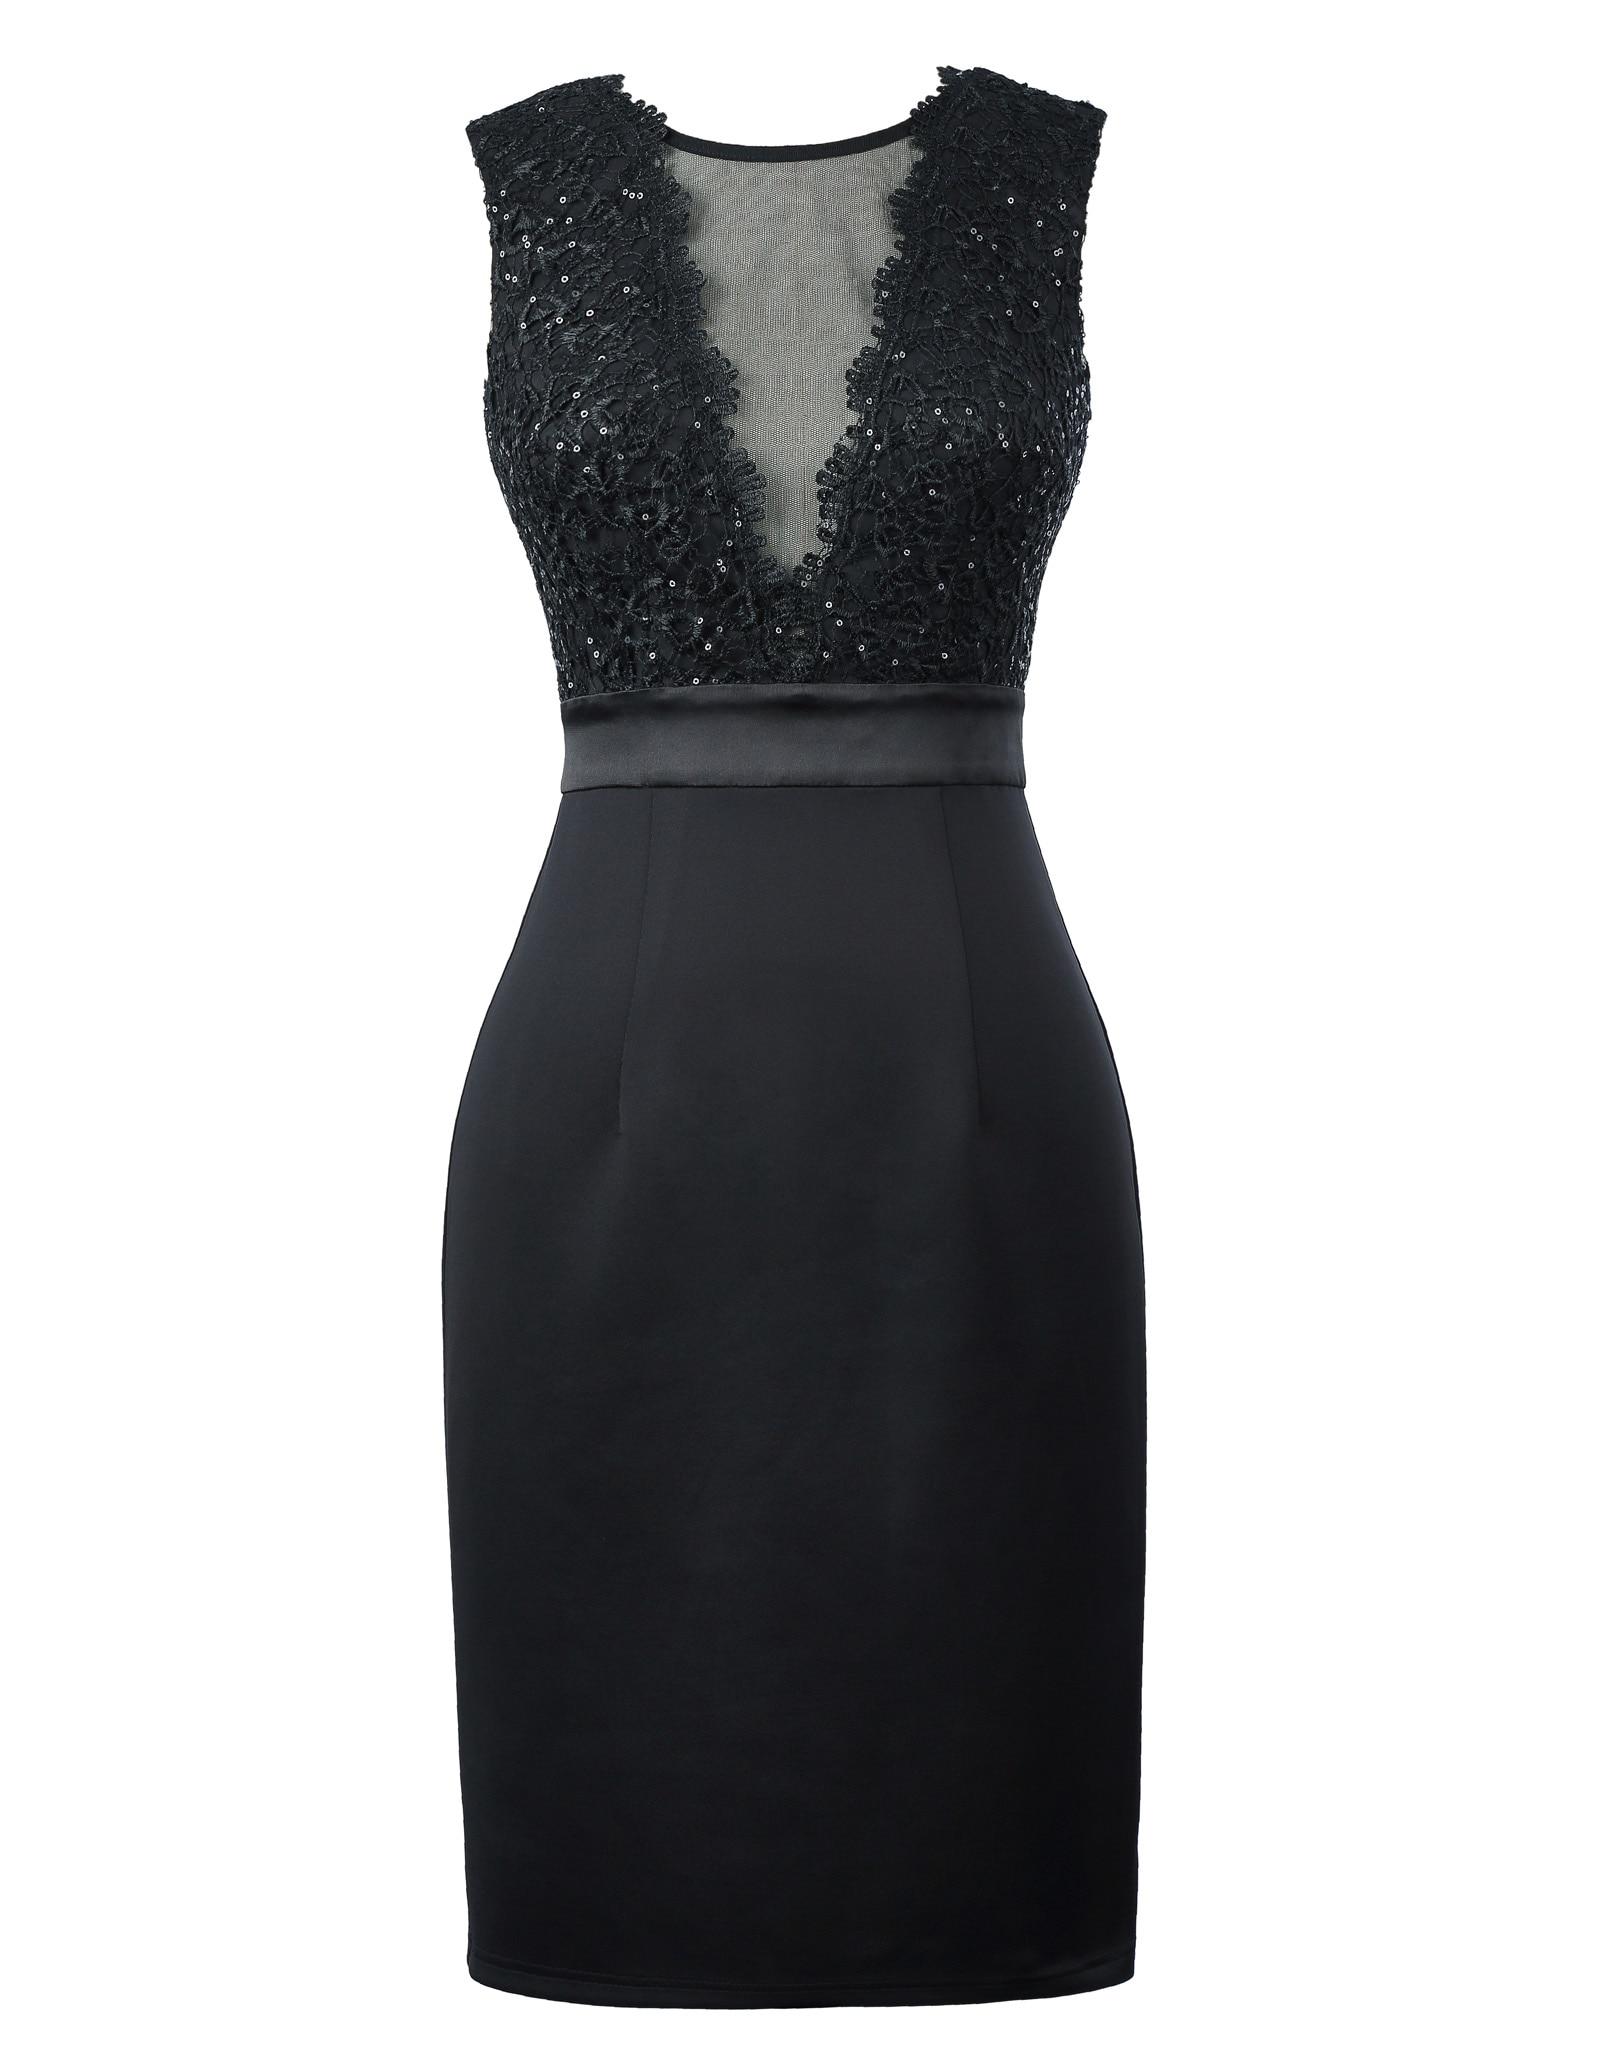 למסיבת האירוע הרשמי סקסי באורך הברך שמלות קוקטייל Bodycon השחור שמלת חלוק שמלת קוקטייל קצר 2018 שמלות נשף קיץ